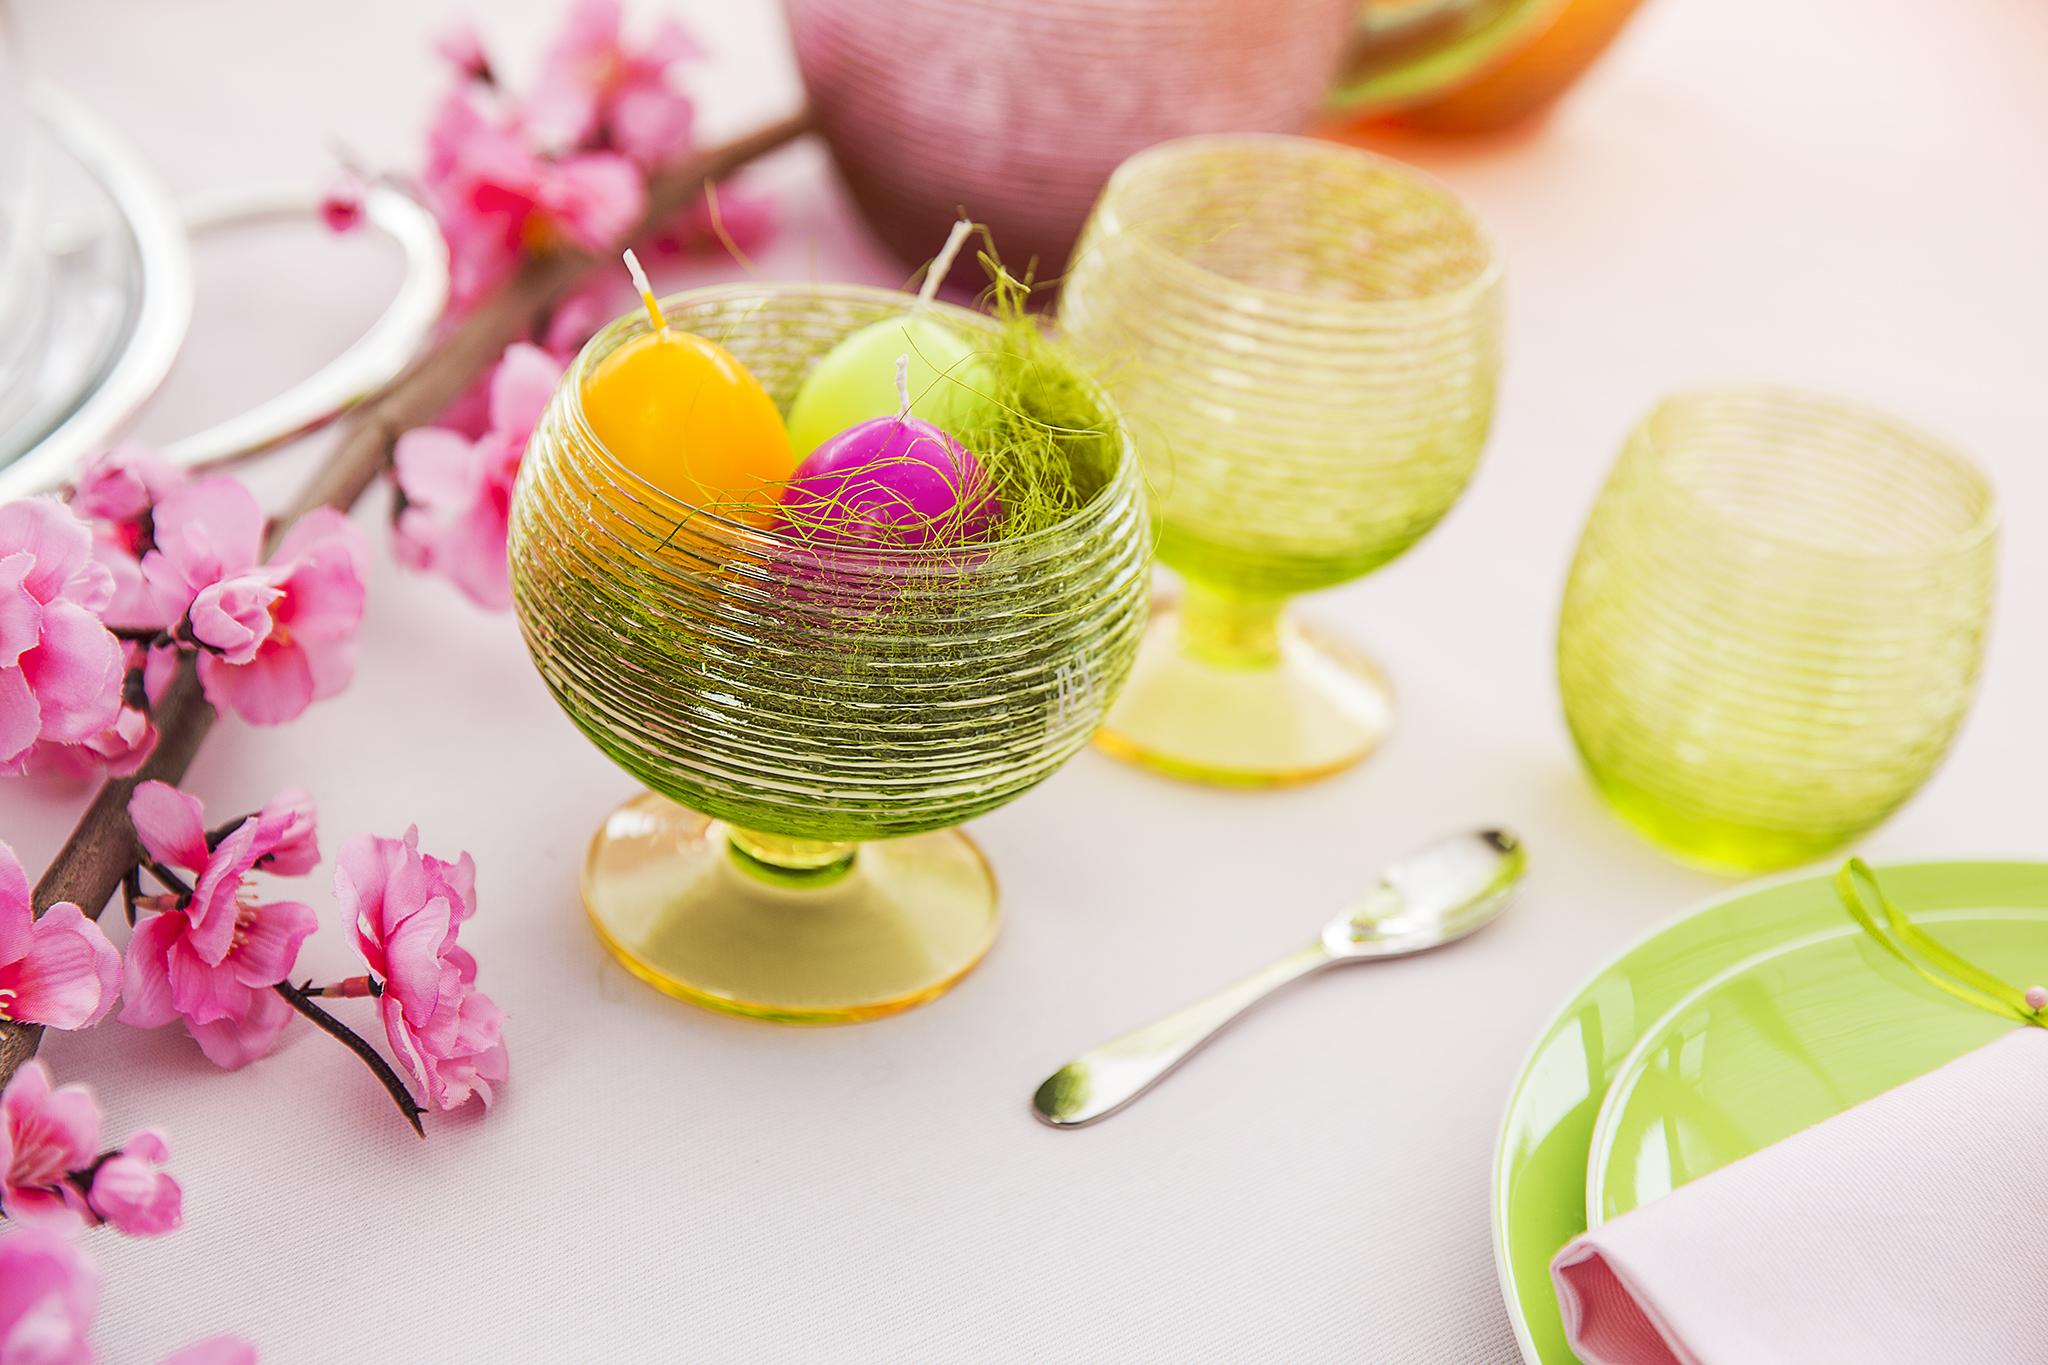 Decorazioni pasquali fai da te con foto e immagini per ispirarti - Decorazioni uova pasquali per bambini ...